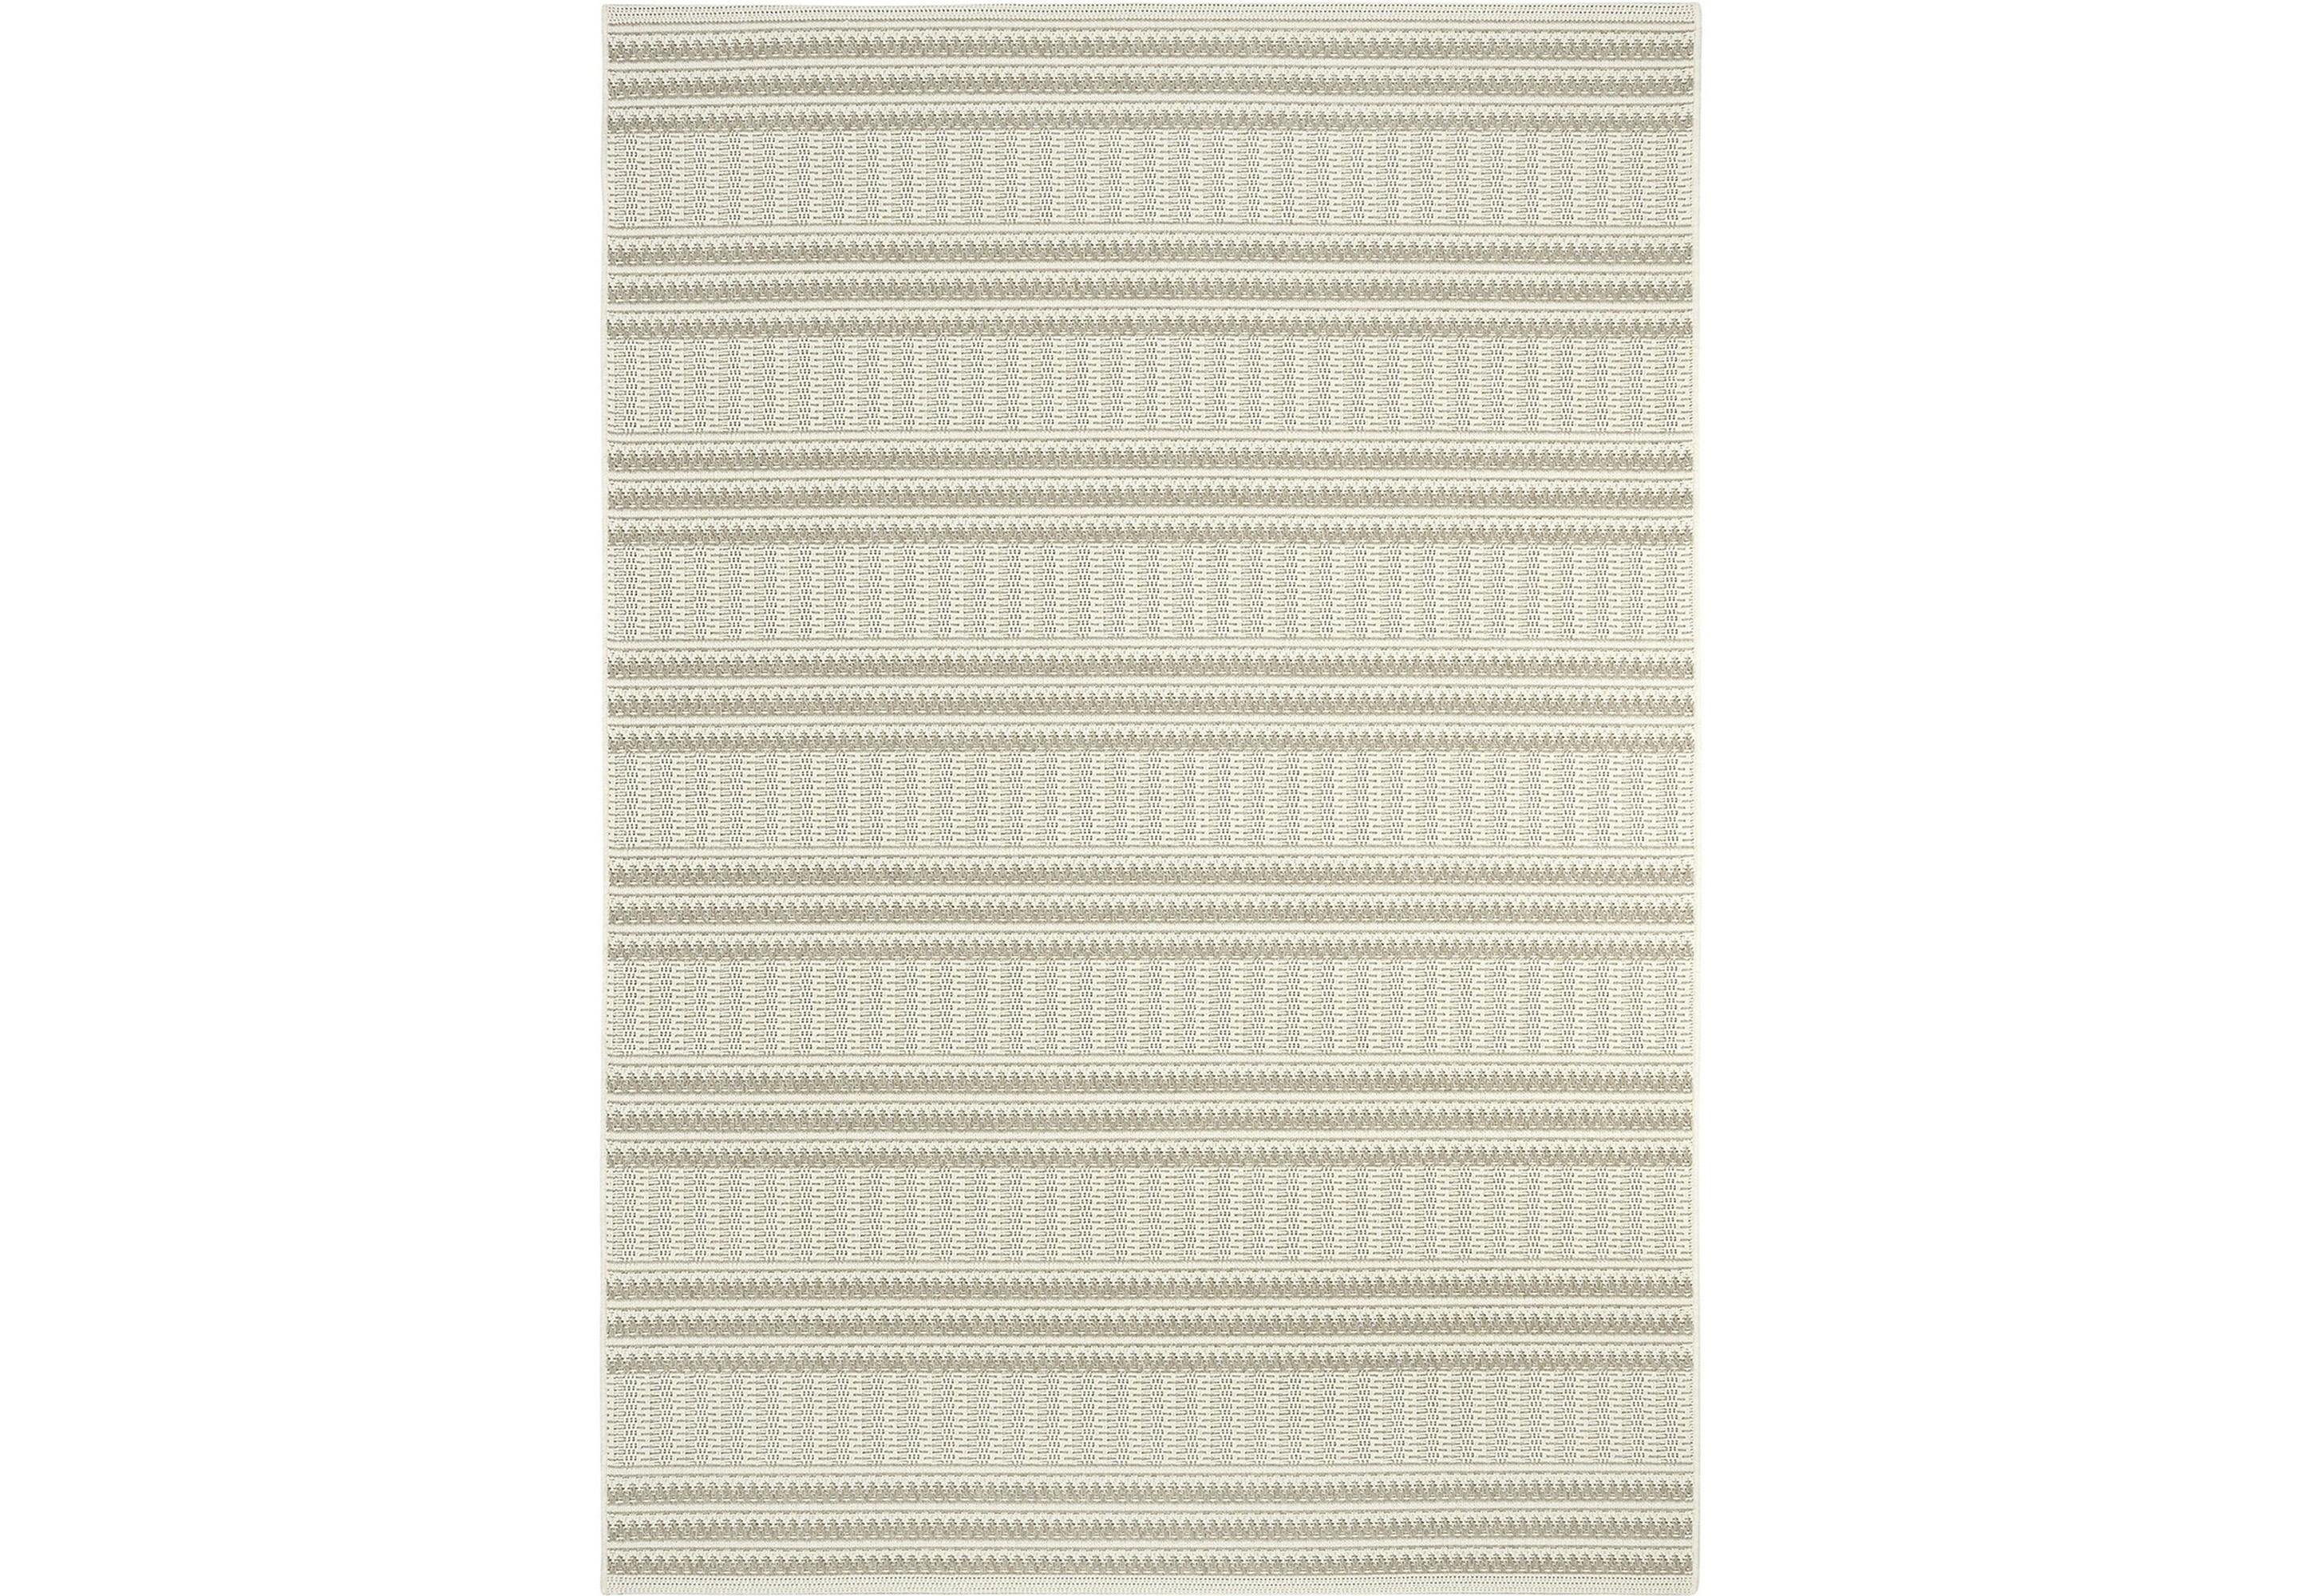 Ковер SerenityПрямоугольные ковры<br>лоские ковер: легко чистятся, быстро пылесосить, массаж для ног, идеально для алергиков. Все плоскотканные ковры можно использовать внутри помещений и снаружи.&amp;amp;nbsp;&amp;lt;div&amp;gt;&amp;lt;br&amp;gt;&amp;lt;/div&amp;gt;&amp;lt;div&amp;gt;Химический состав нити устойчив к UV и температурам.&amp;amp;nbsp;&amp;lt;/div&amp;gt;&amp;lt;div&amp;gt;Можно чистить мойкой высокого давления.&amp;lt;/div&amp;gt;&amp;lt;div&amp;gt;Материал: 100% Полипропилен.&amp;lt;br&amp;gt;&amp;lt;/div&amp;gt;<br><br>Material: Текстиль